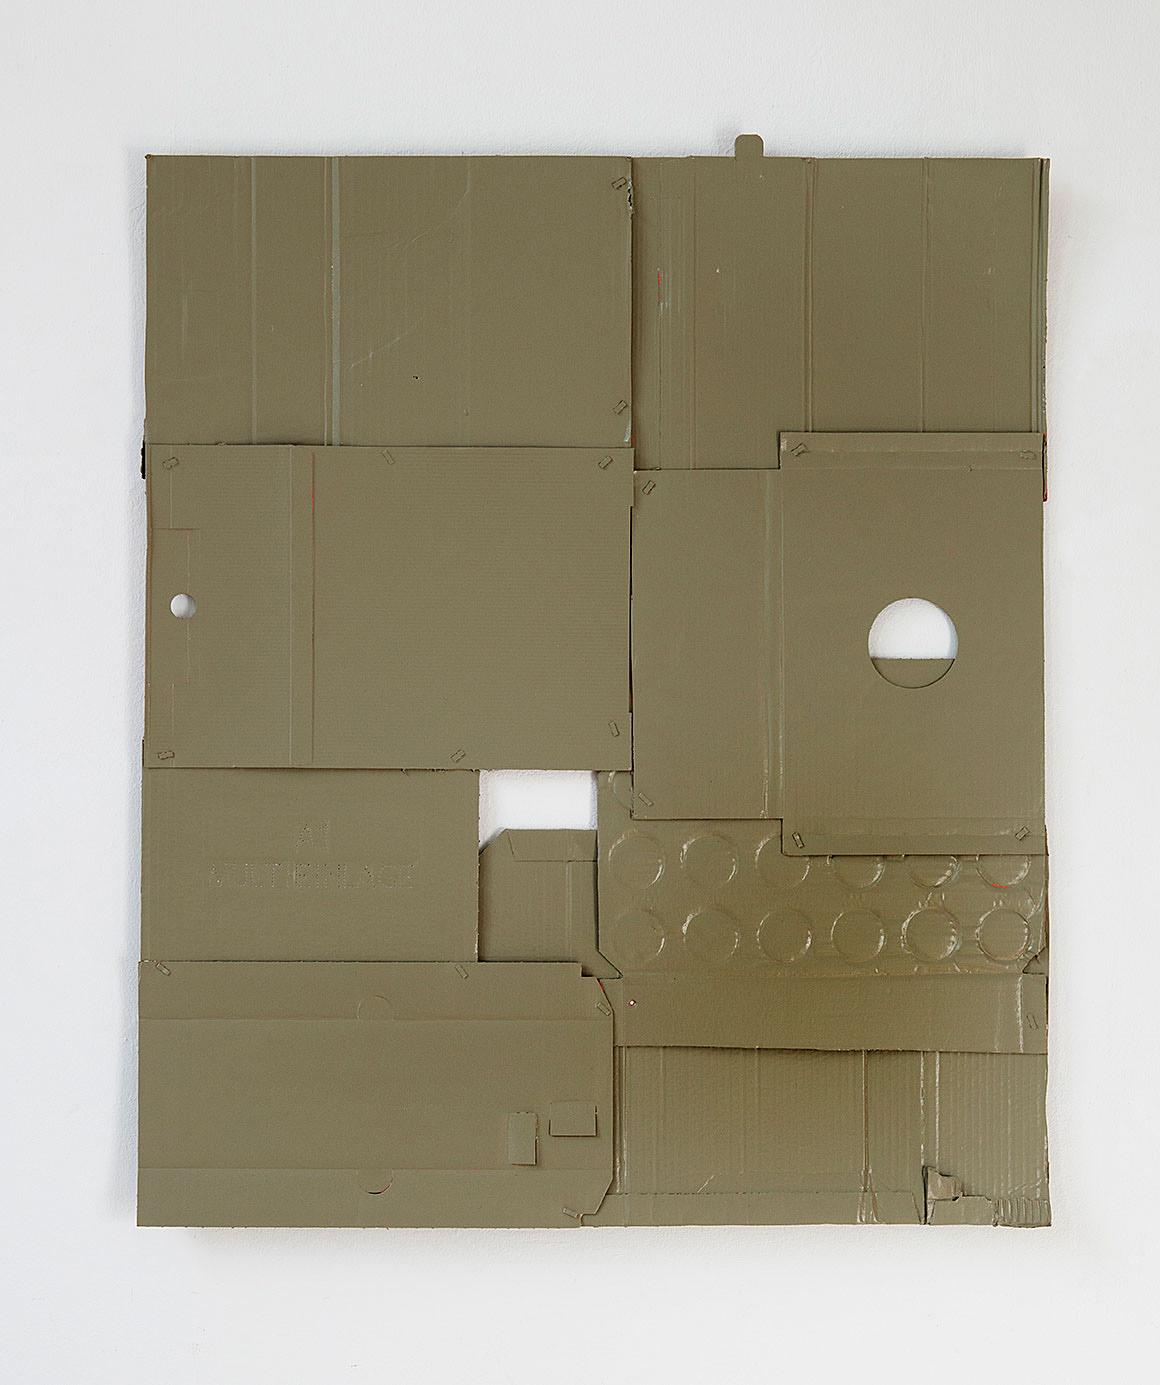 o.T._2016/17 Lack_Kunststoff_94 x 80 cm